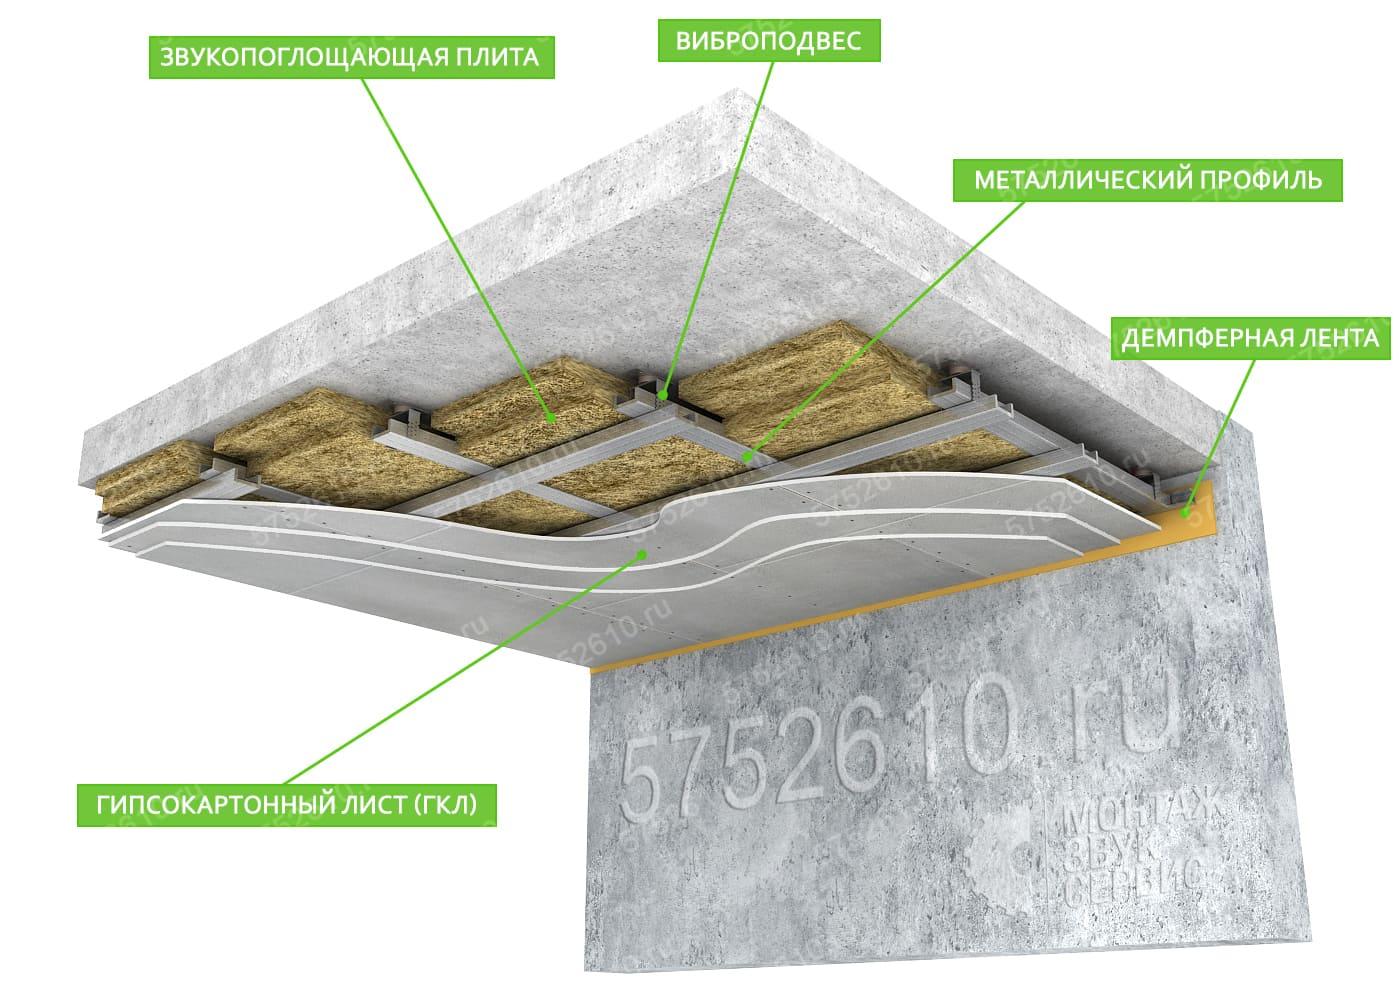 Шумоизоляция потолка в квартире: Vibrofix SPU + МаксФорте-ЭКОплита